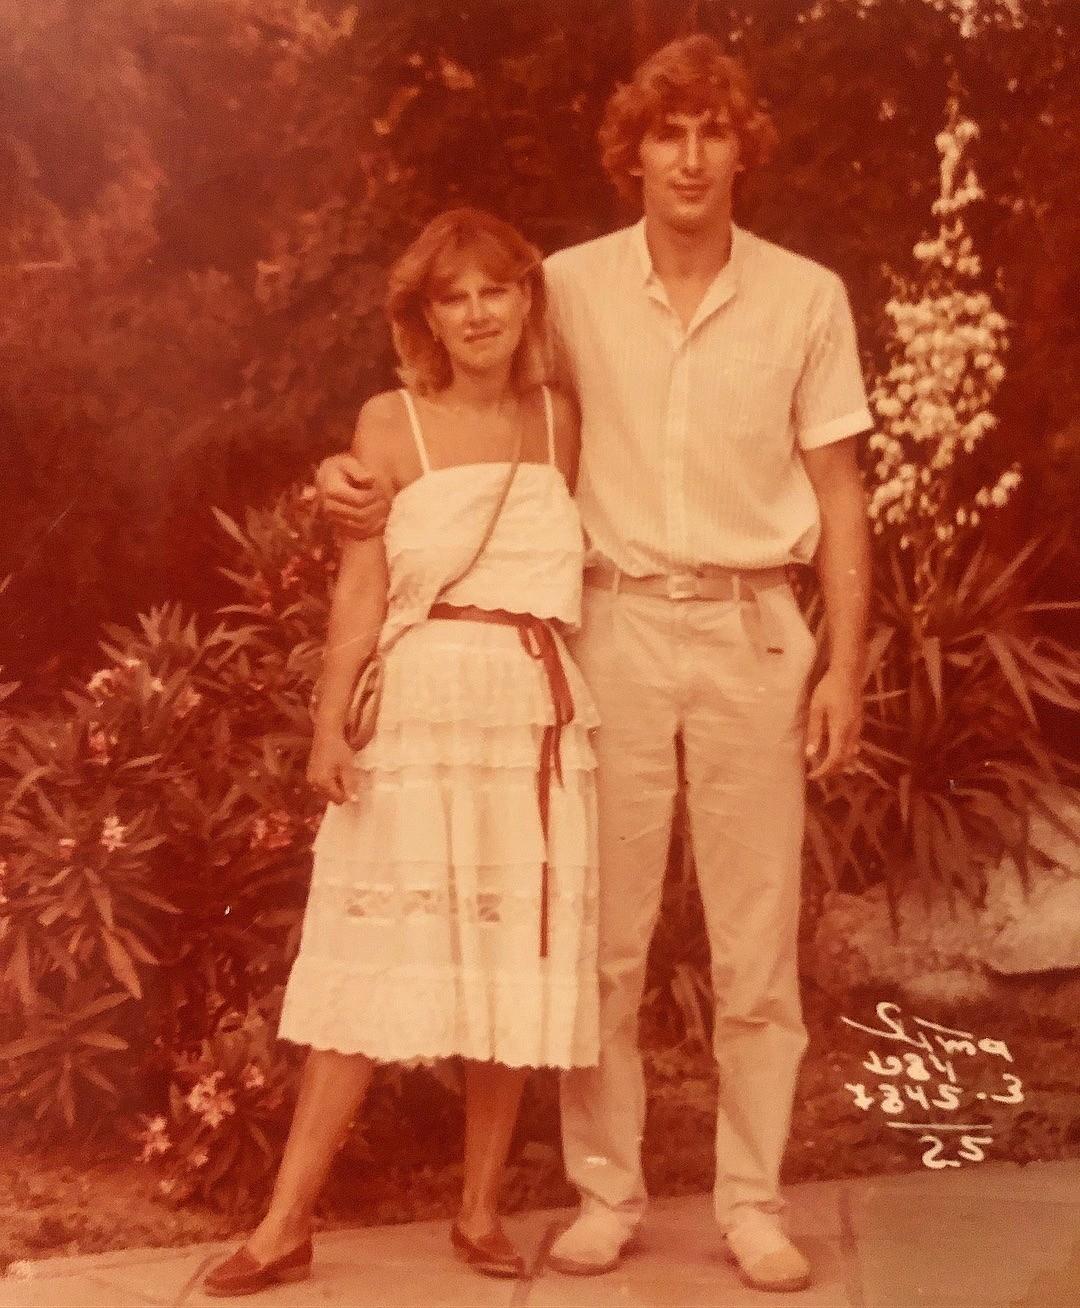 Поклонники отметили, что родители Кожевниковой выглядят очень стильно для того времени. Теперь фолловеры поняли, в кого Мария такая красивая и модная. «Здорово! Да, красивые и так ослепит...